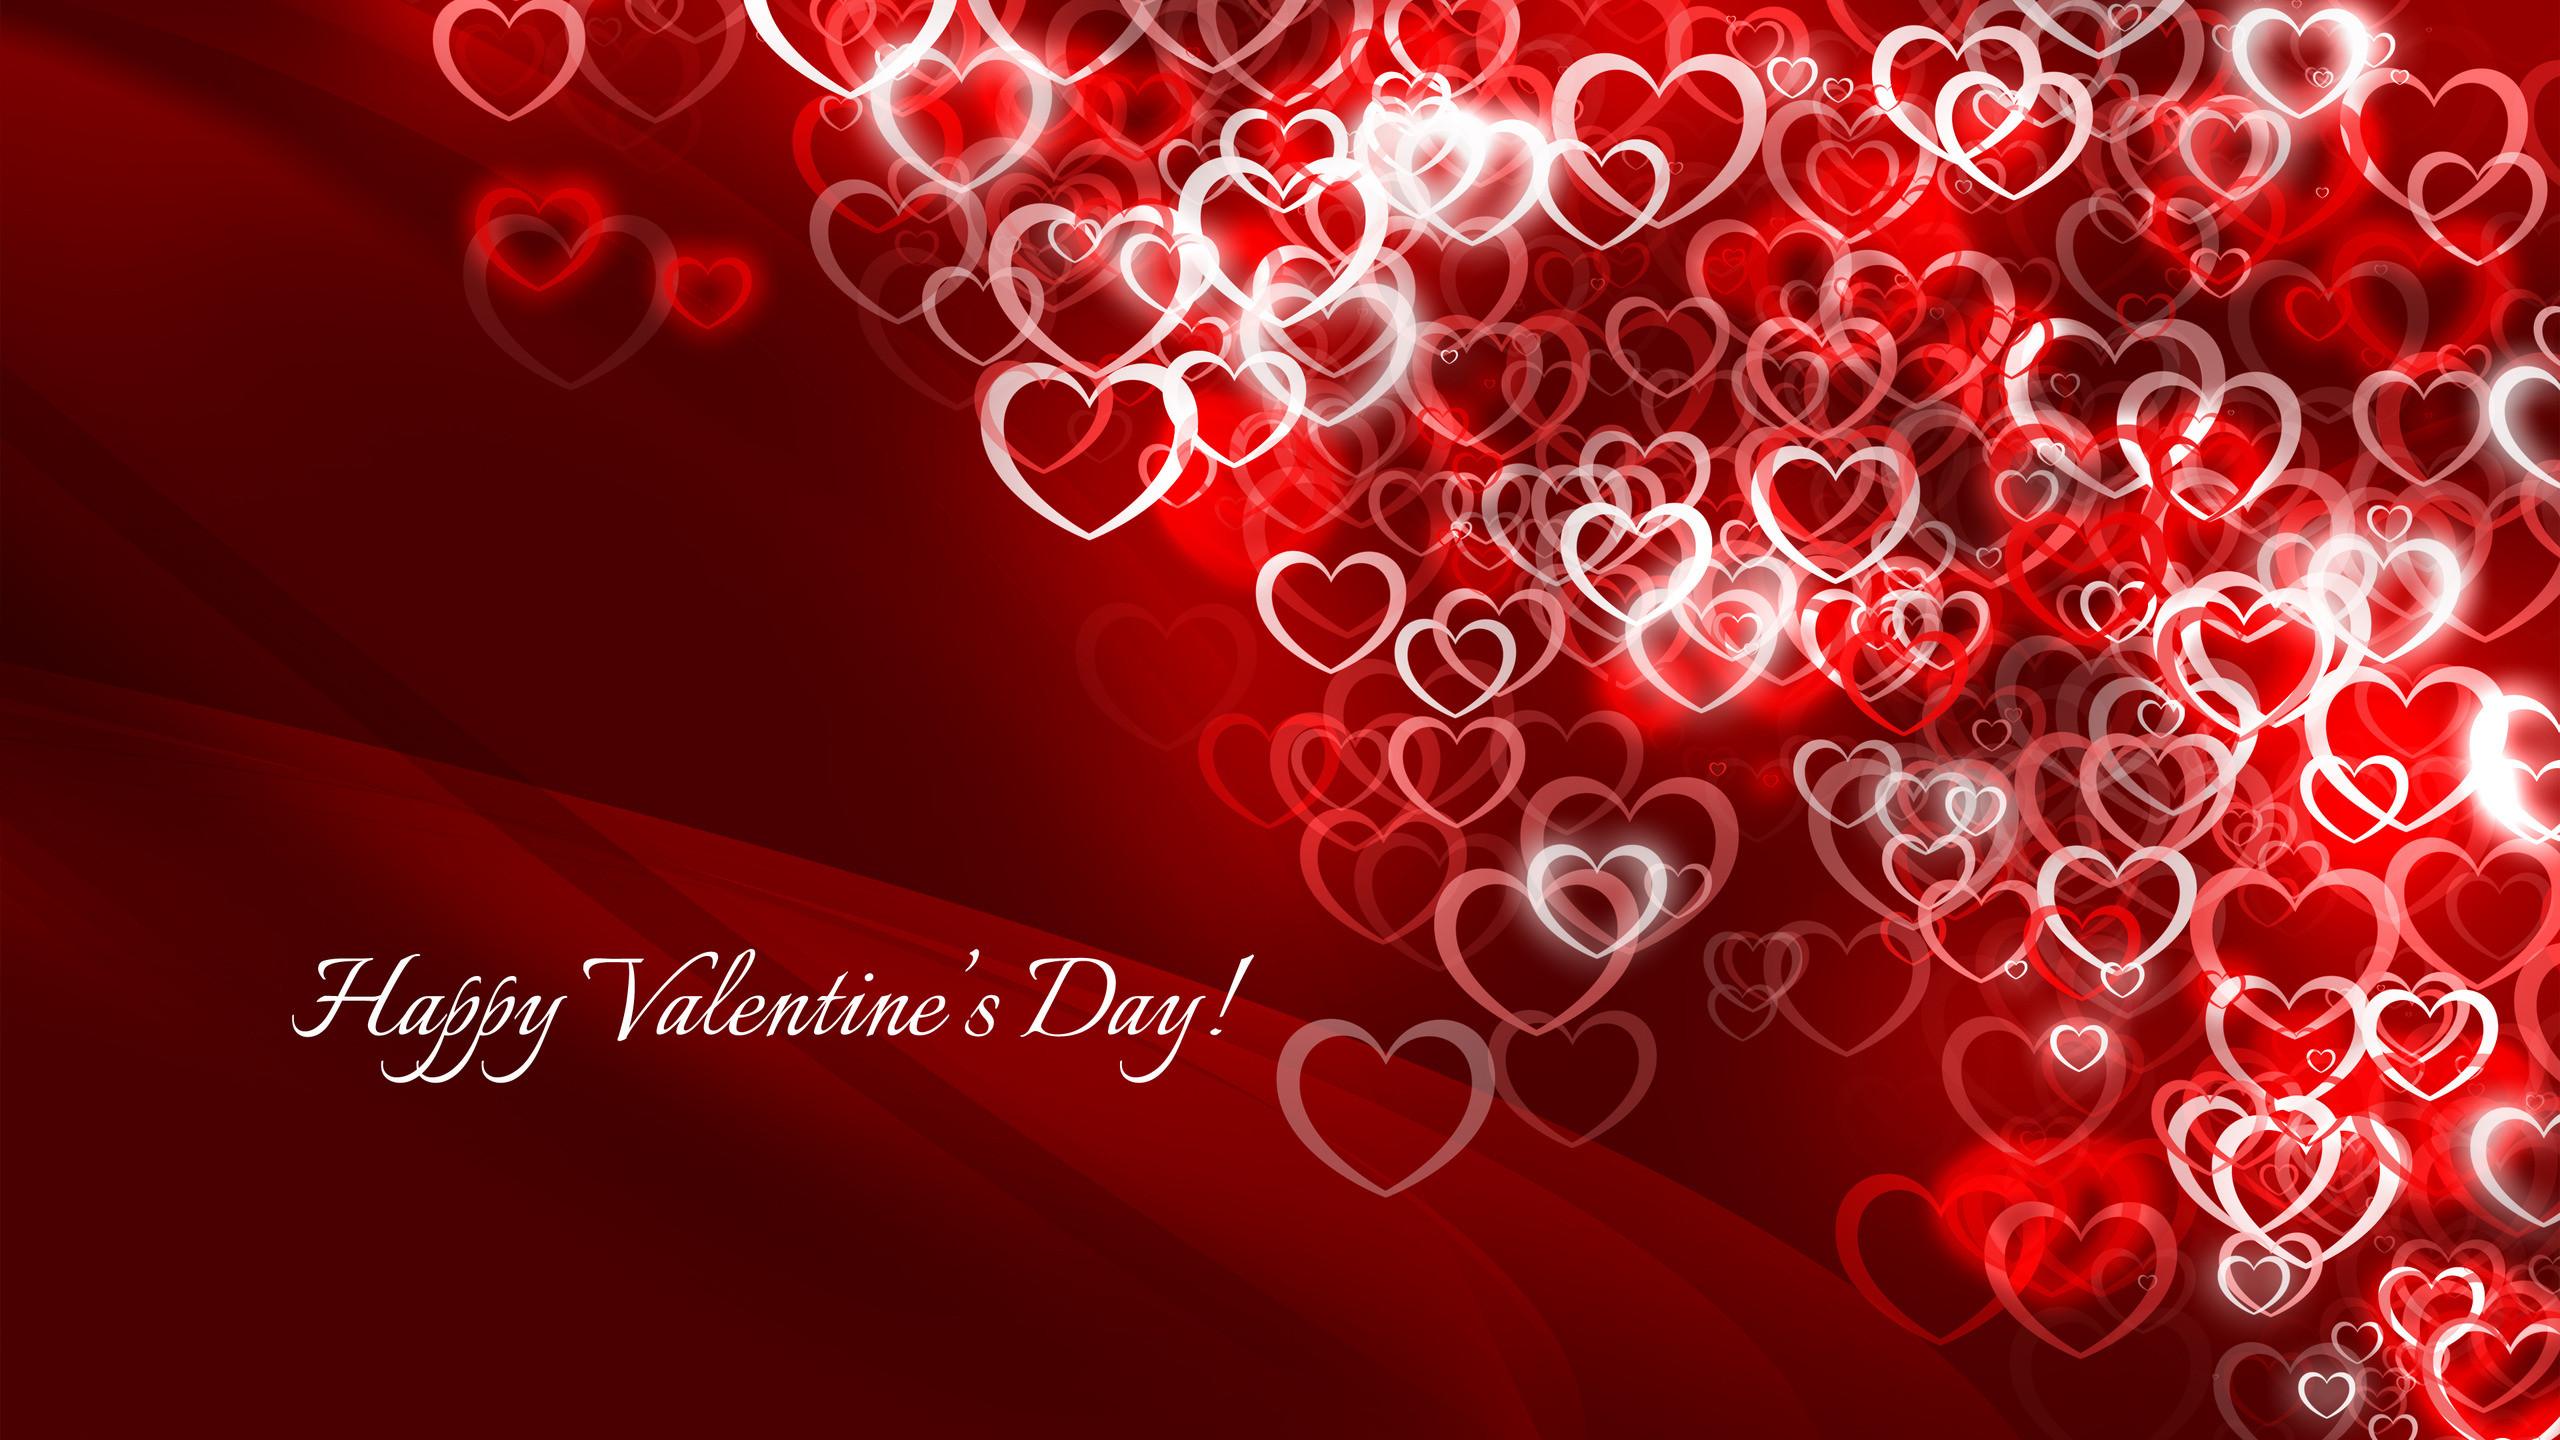 valentines day dp